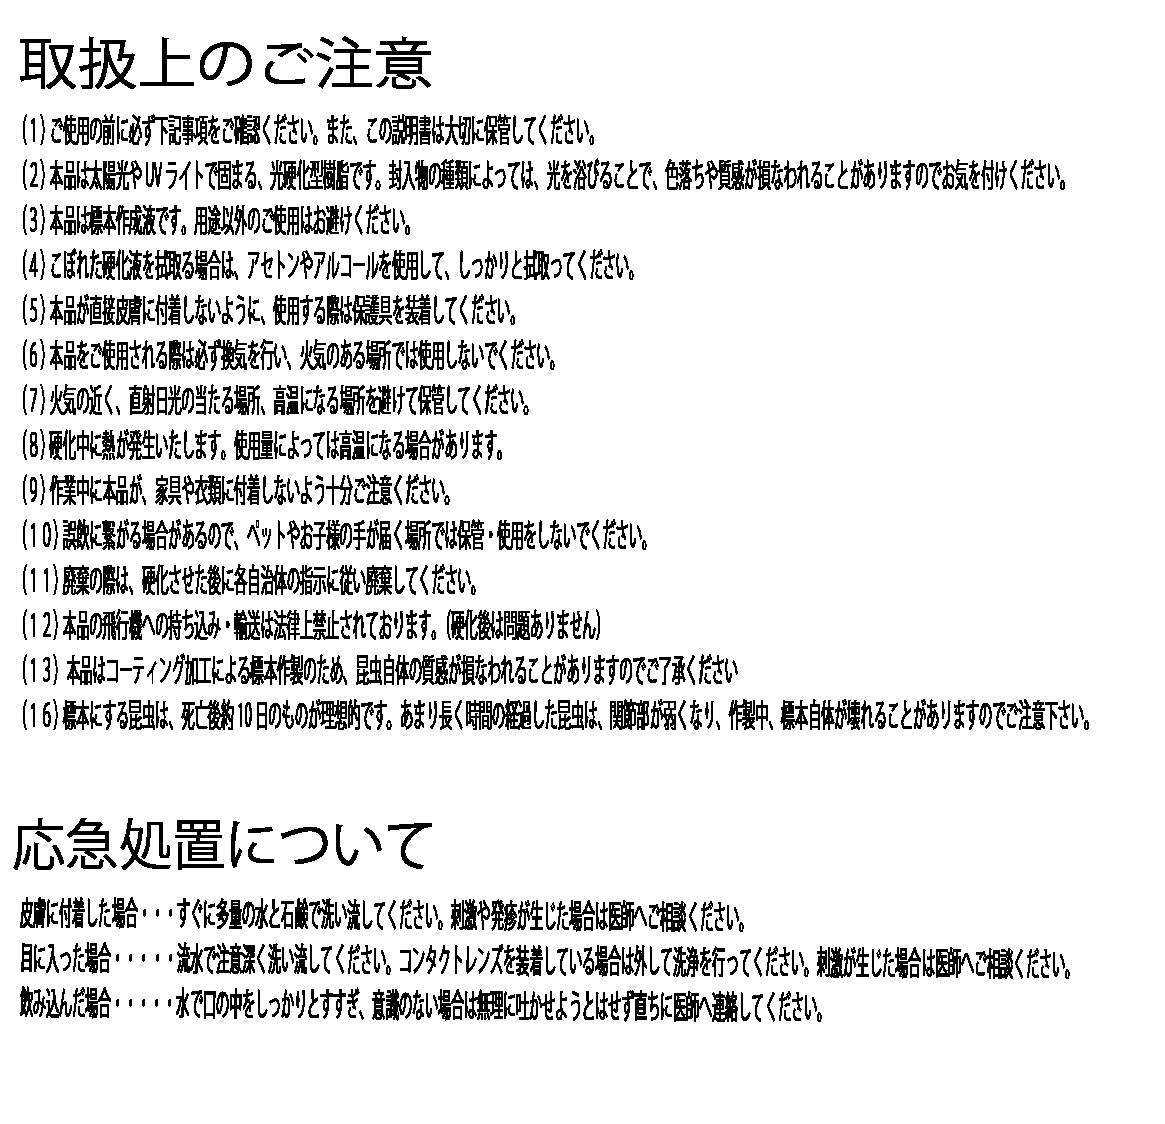 【かんたん昆虫標本】昆虫ロック